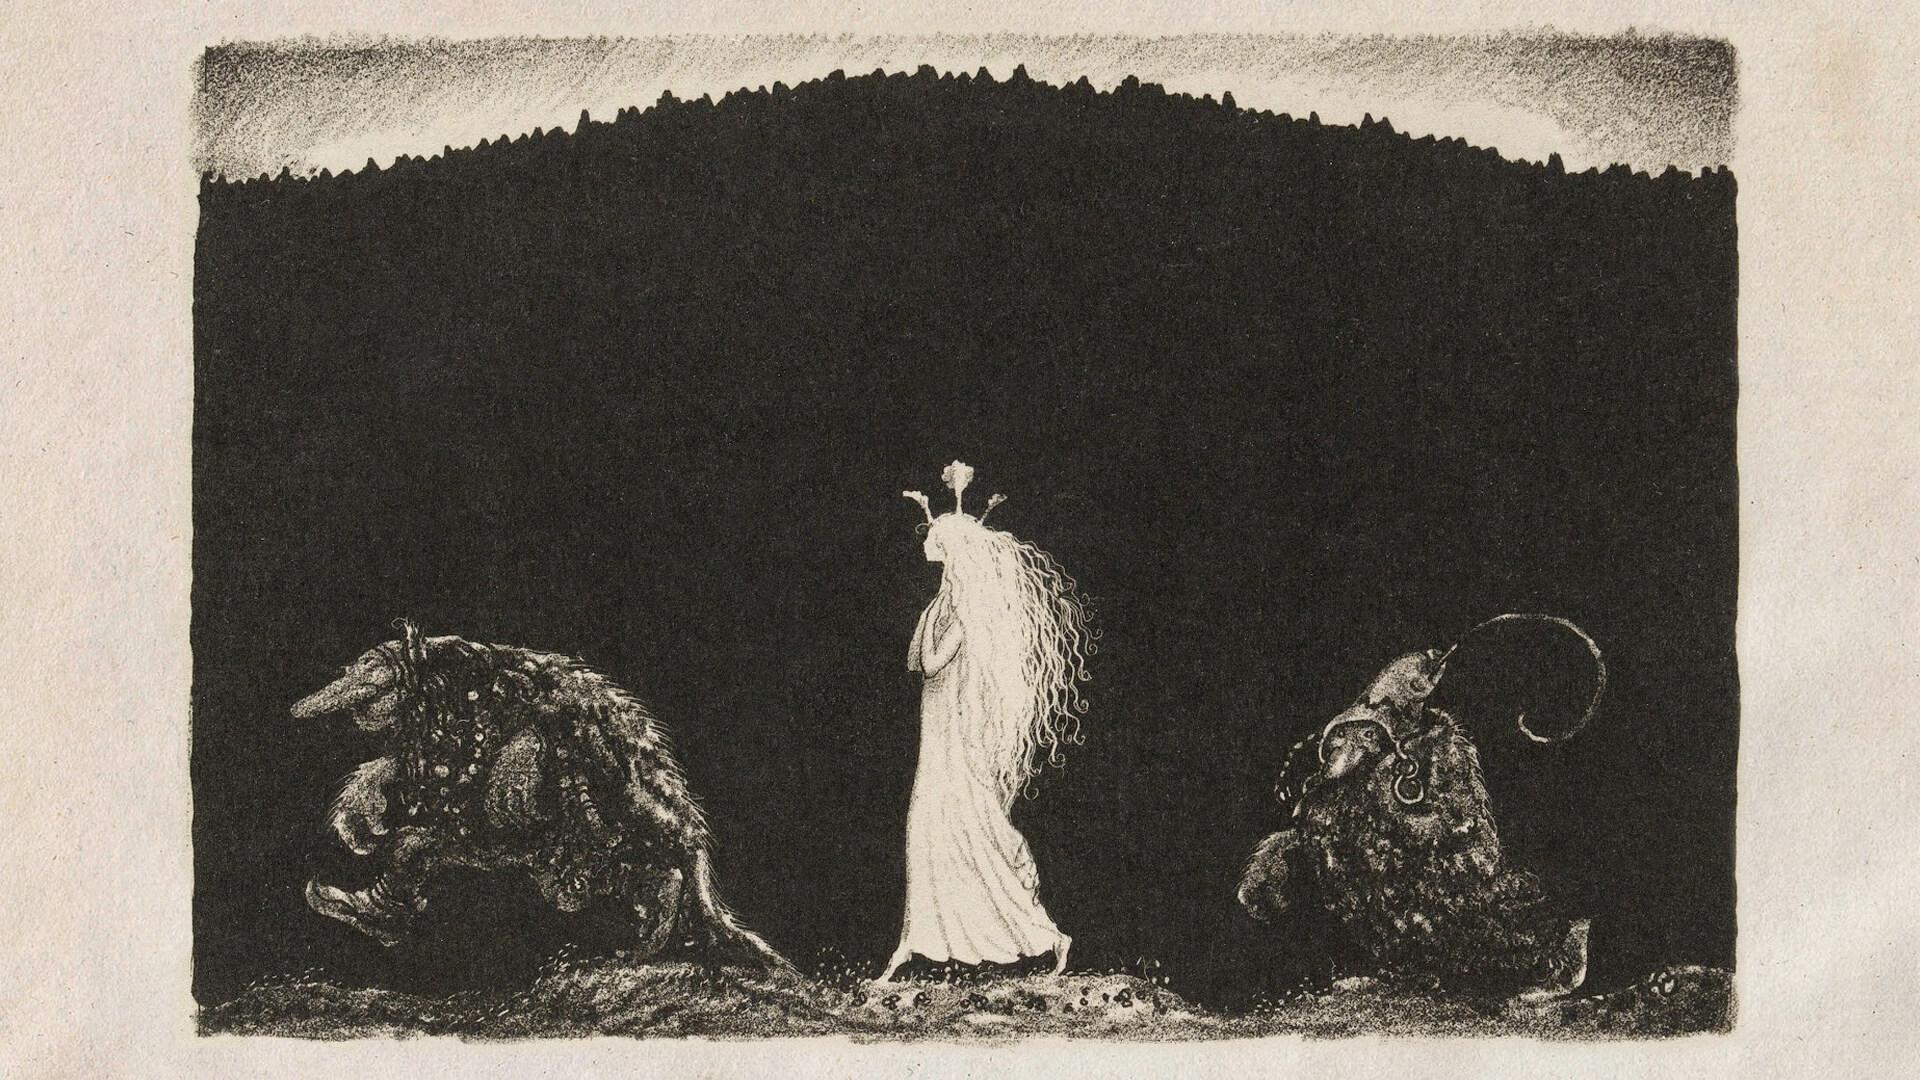 John Bauer-Swedish Folk Tales_1920x1080